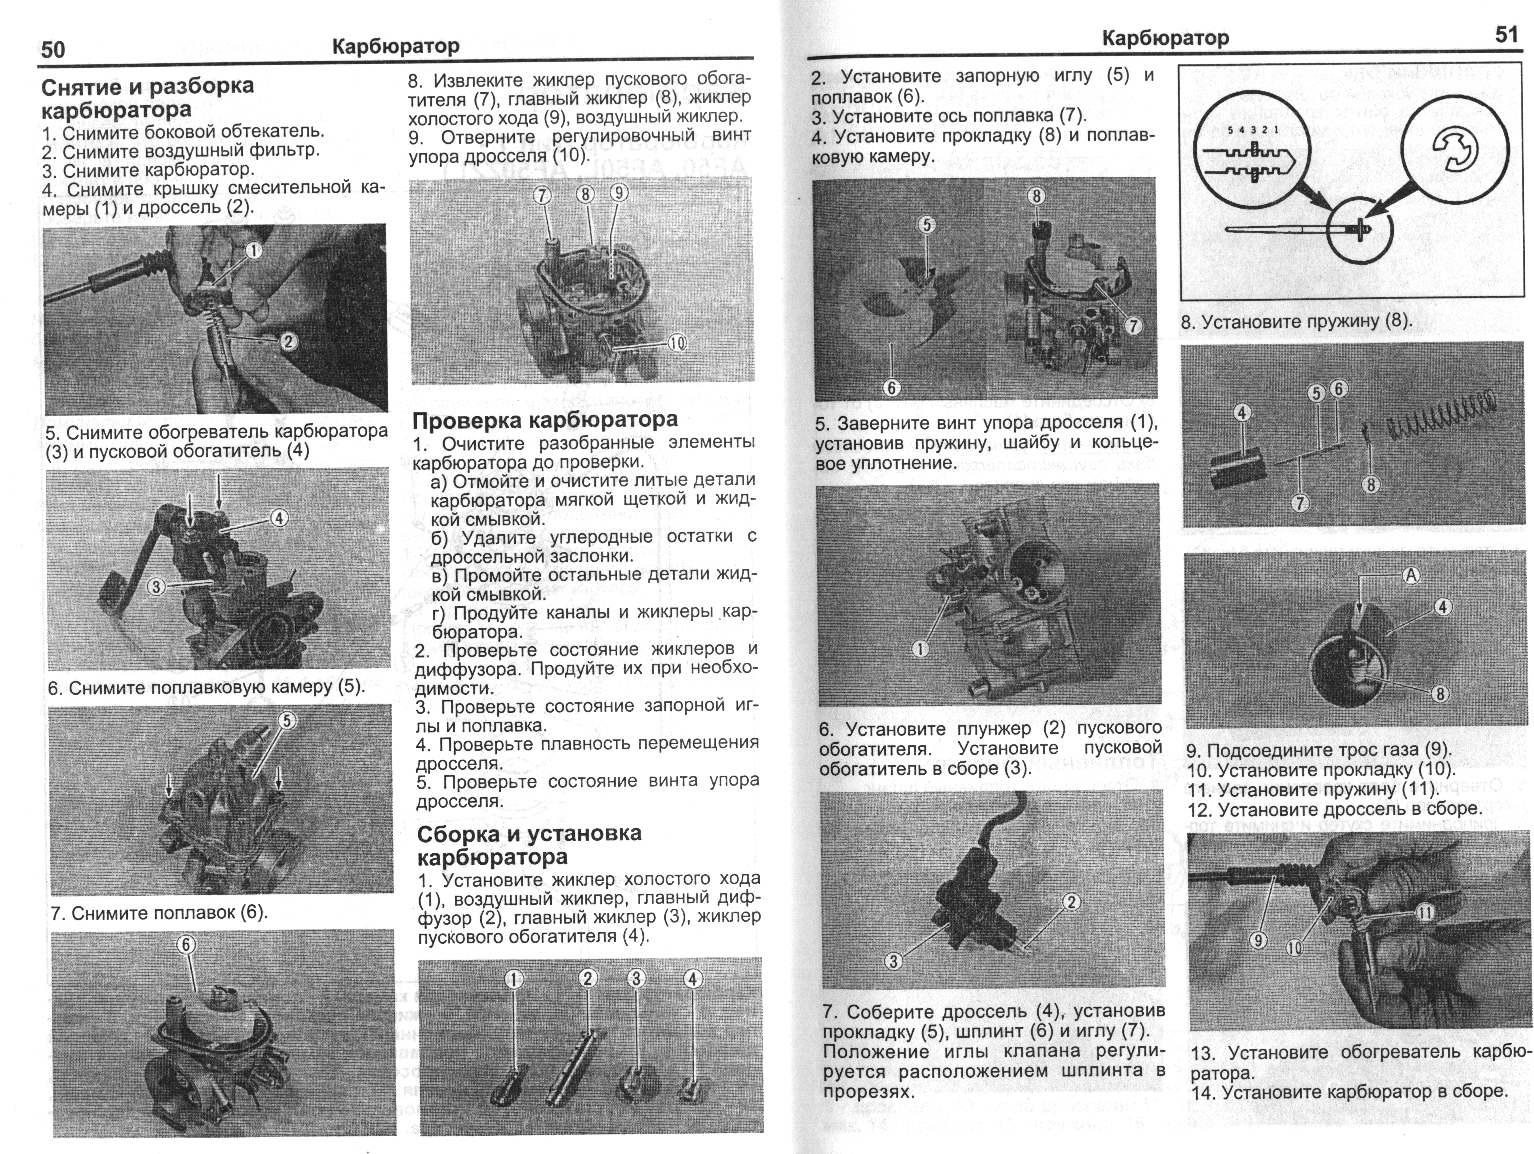 Проверка и ремонт карбюратора suzuki sepia